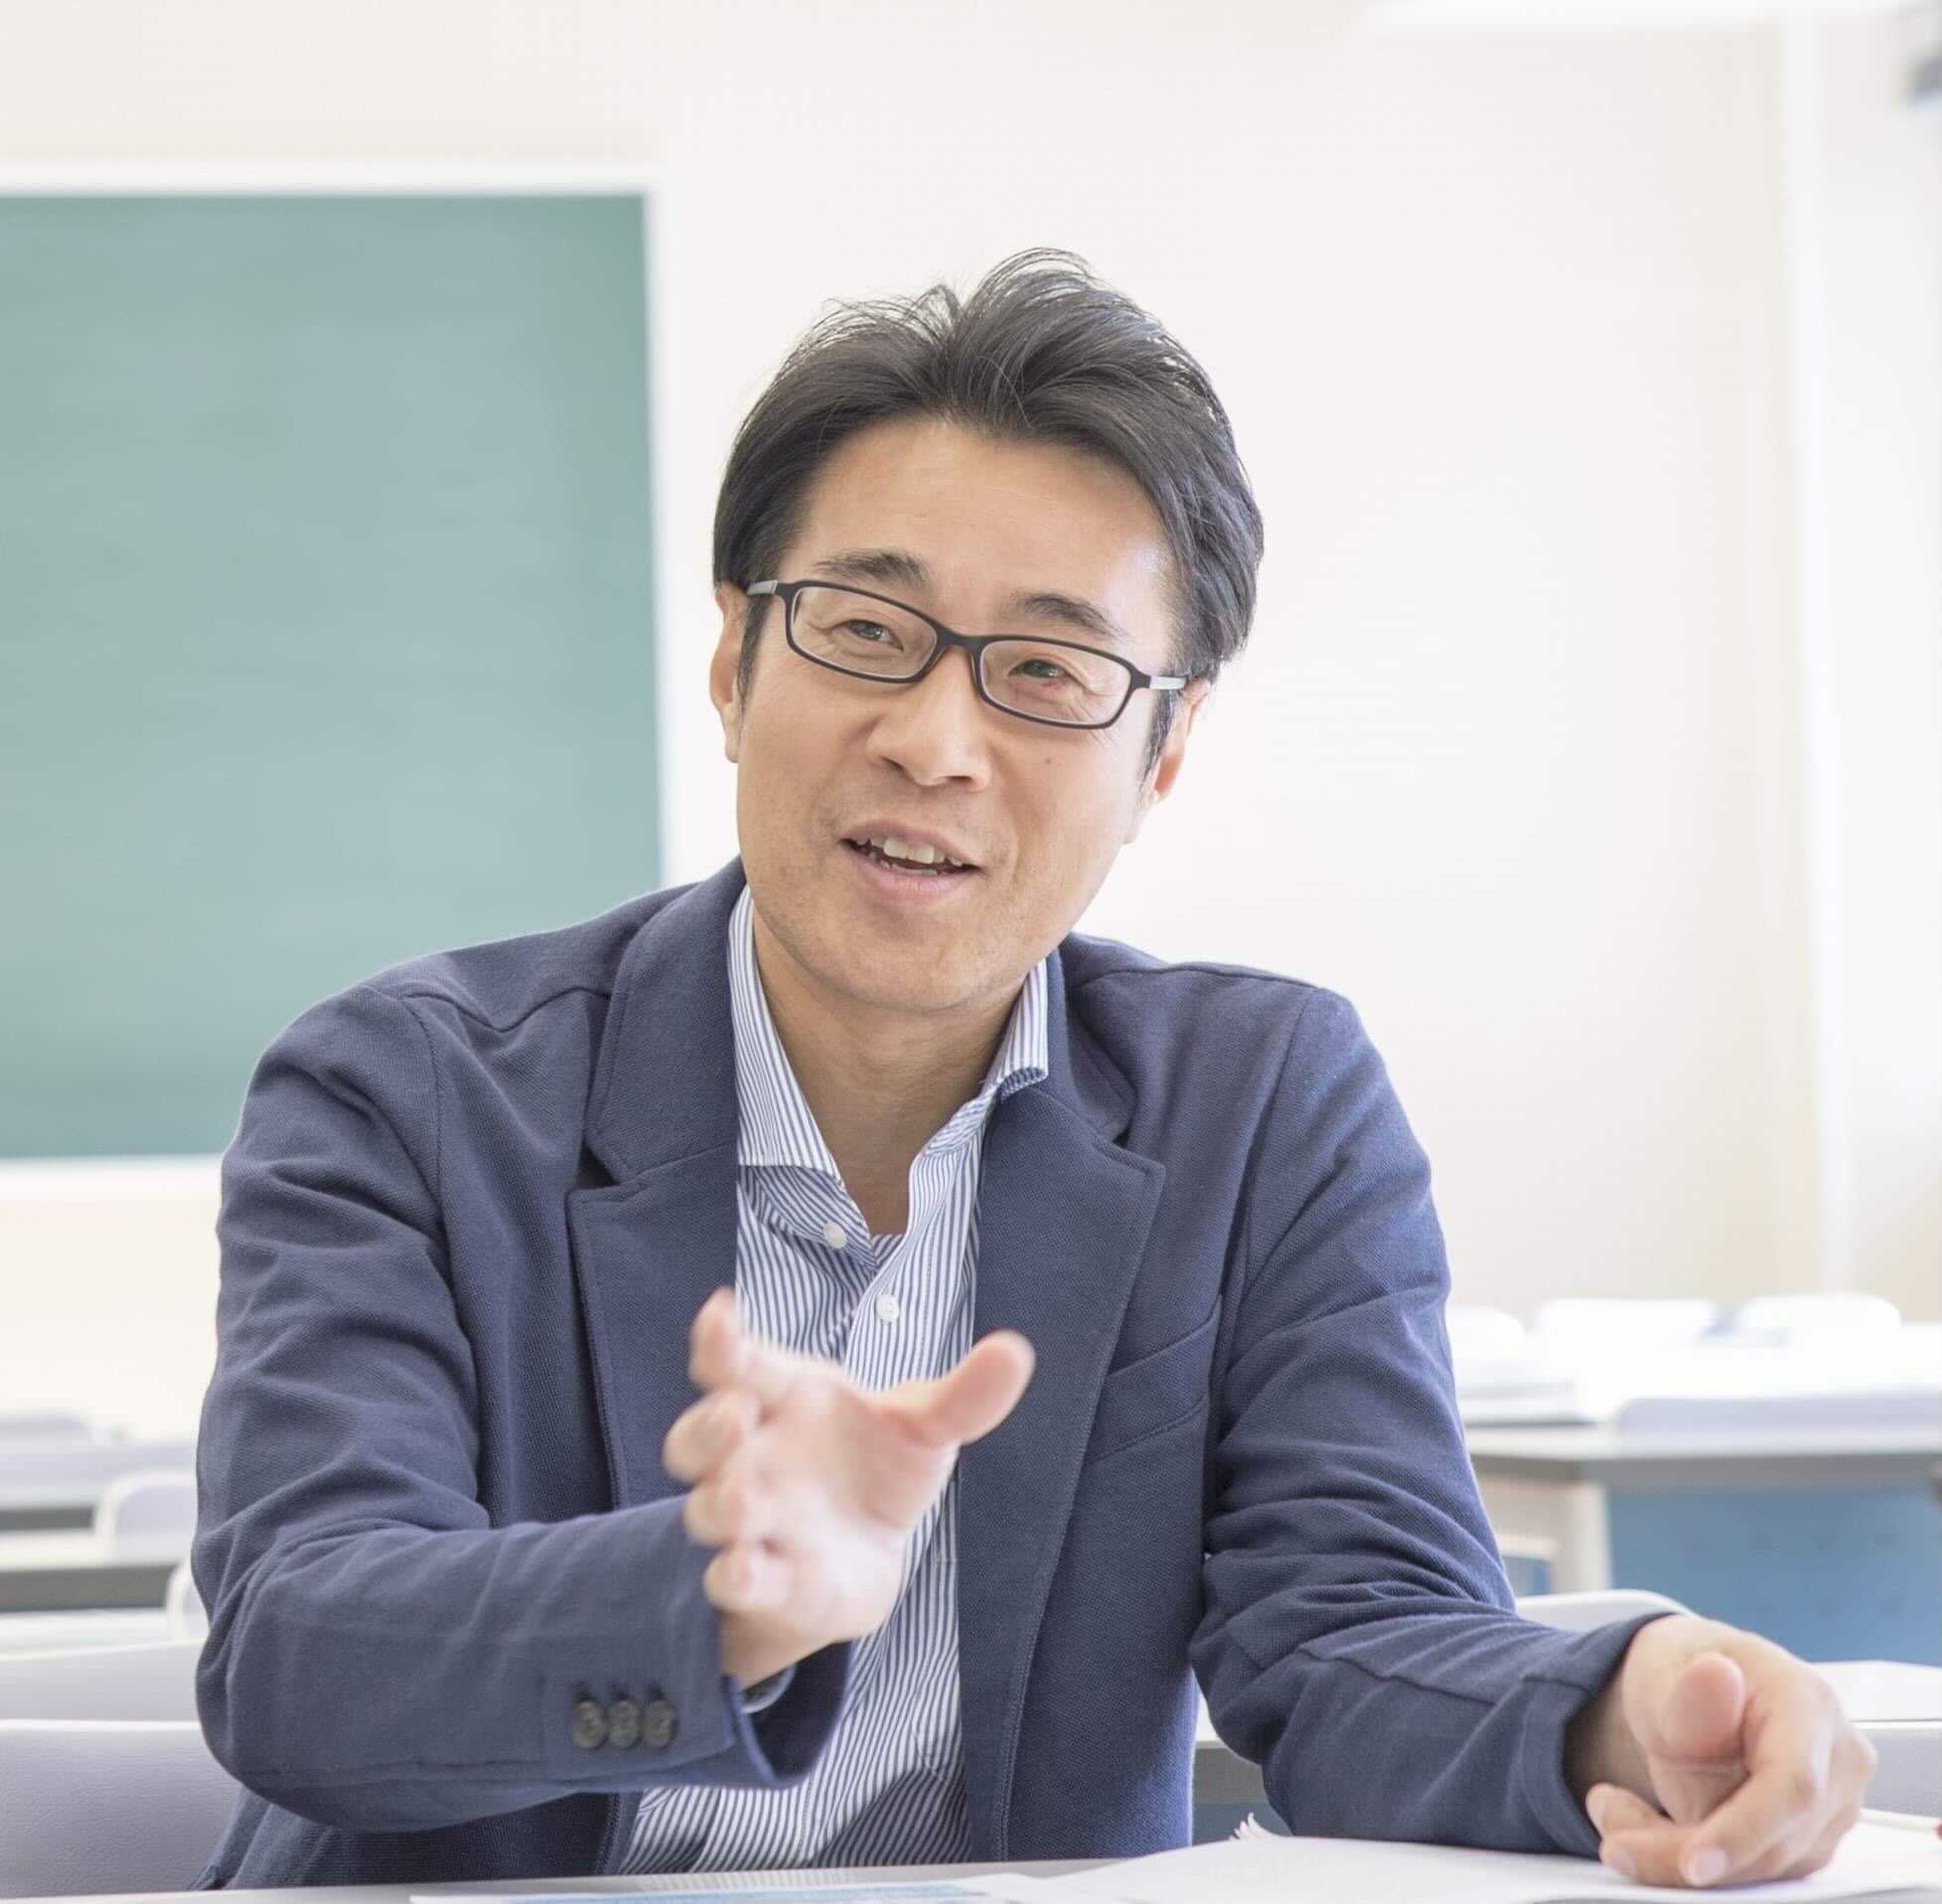 長崎大学 研究開発推進機構FFGアントレプレナーシップセンター(NFEC)センター長 山下 淳司氏